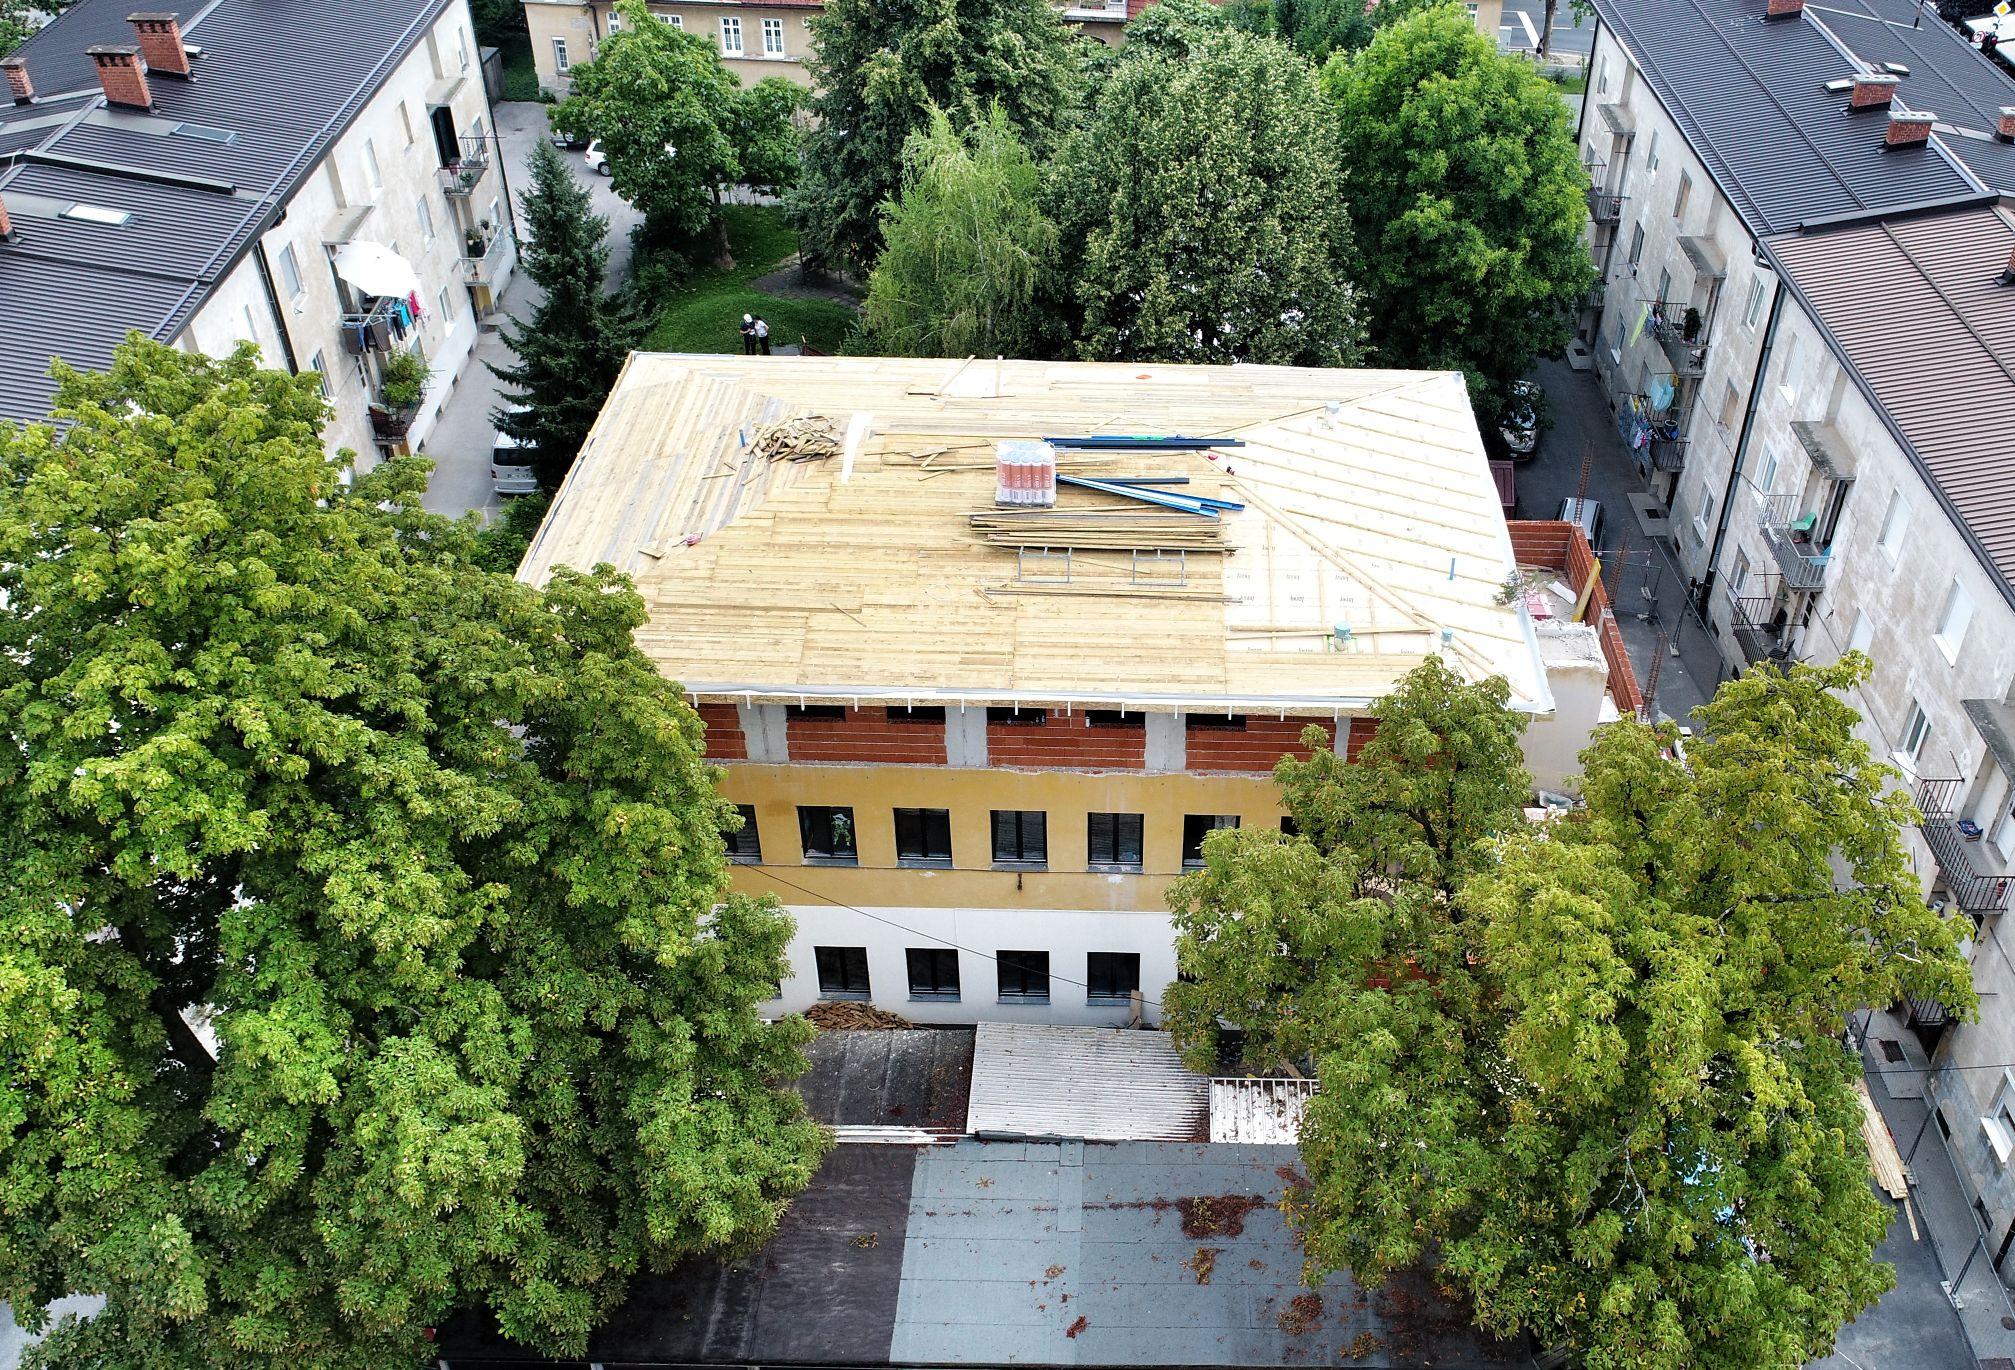 Rekonstrukcija in prizidava Vrtca Jelka – enota Palčki